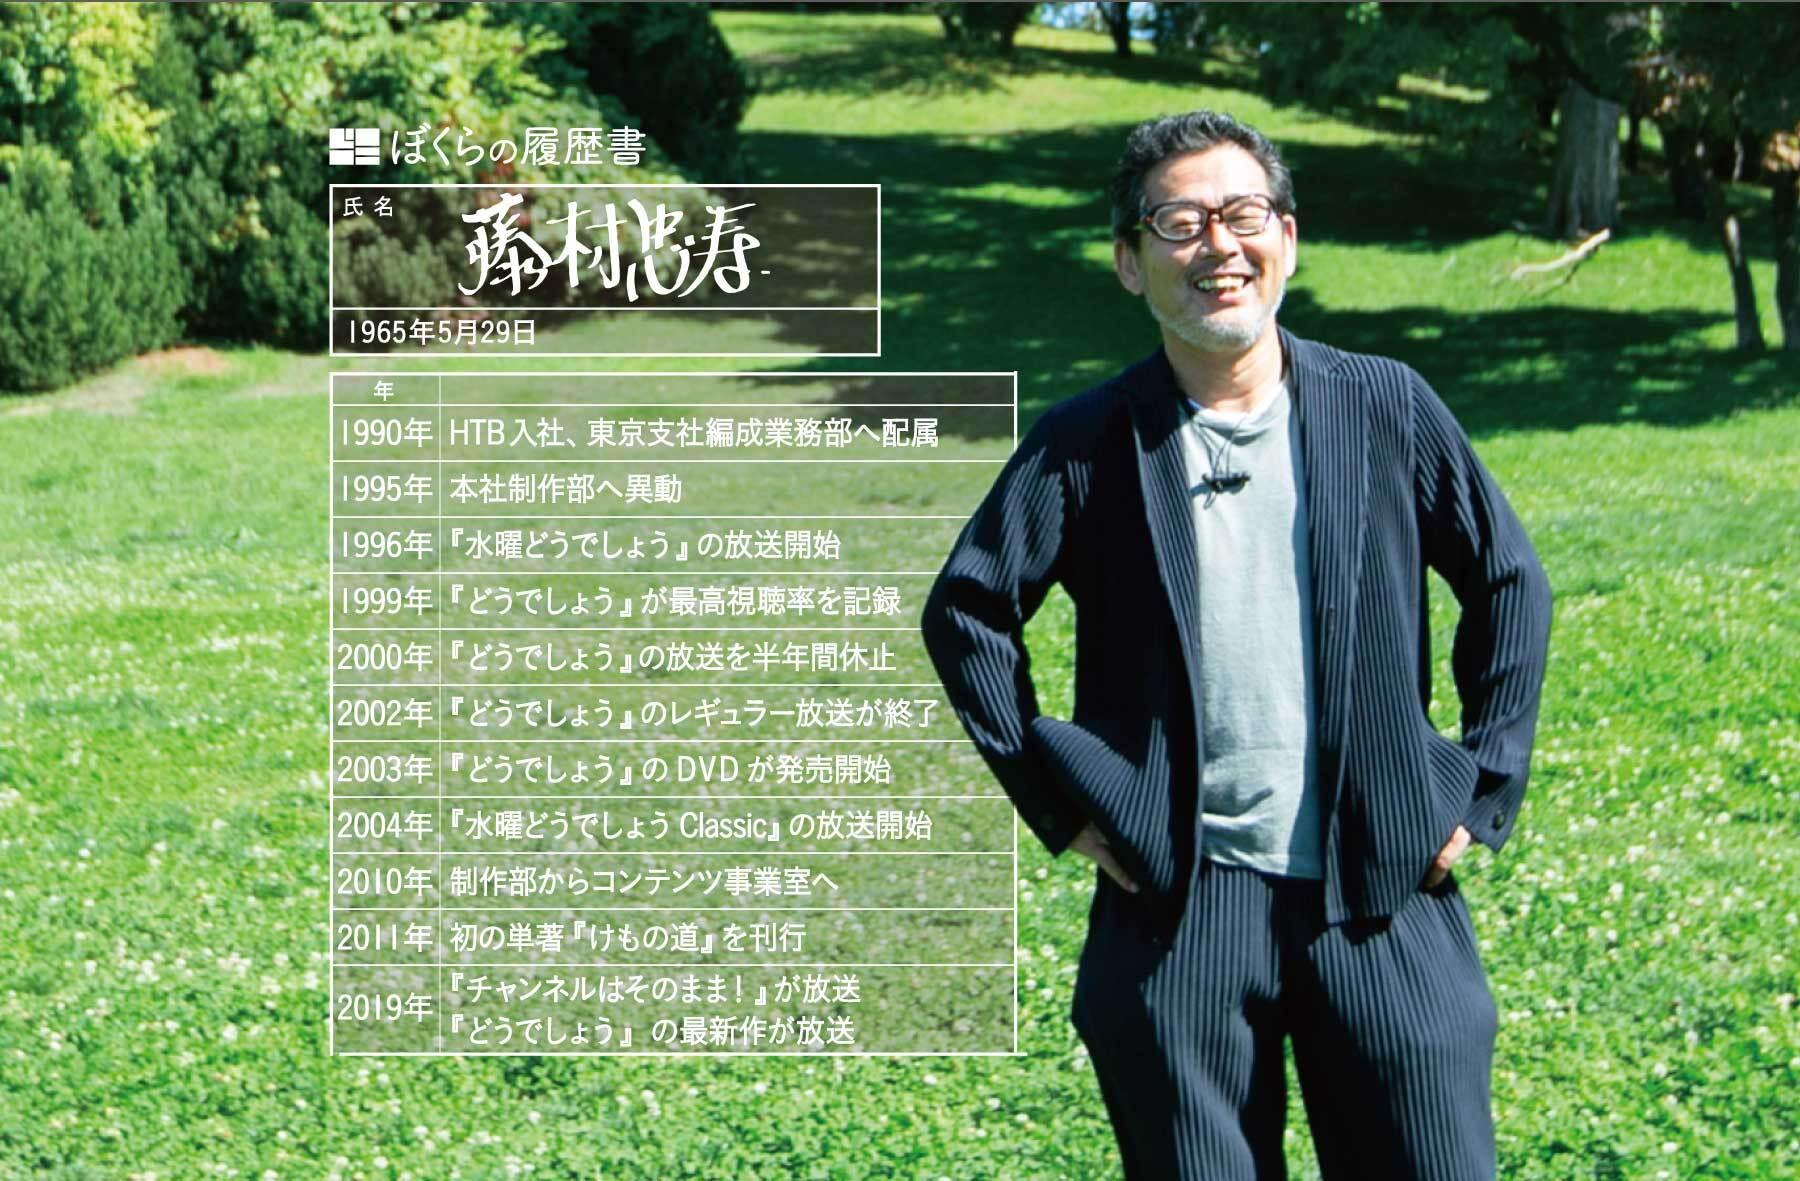 藤村忠寿さん履歴書カット